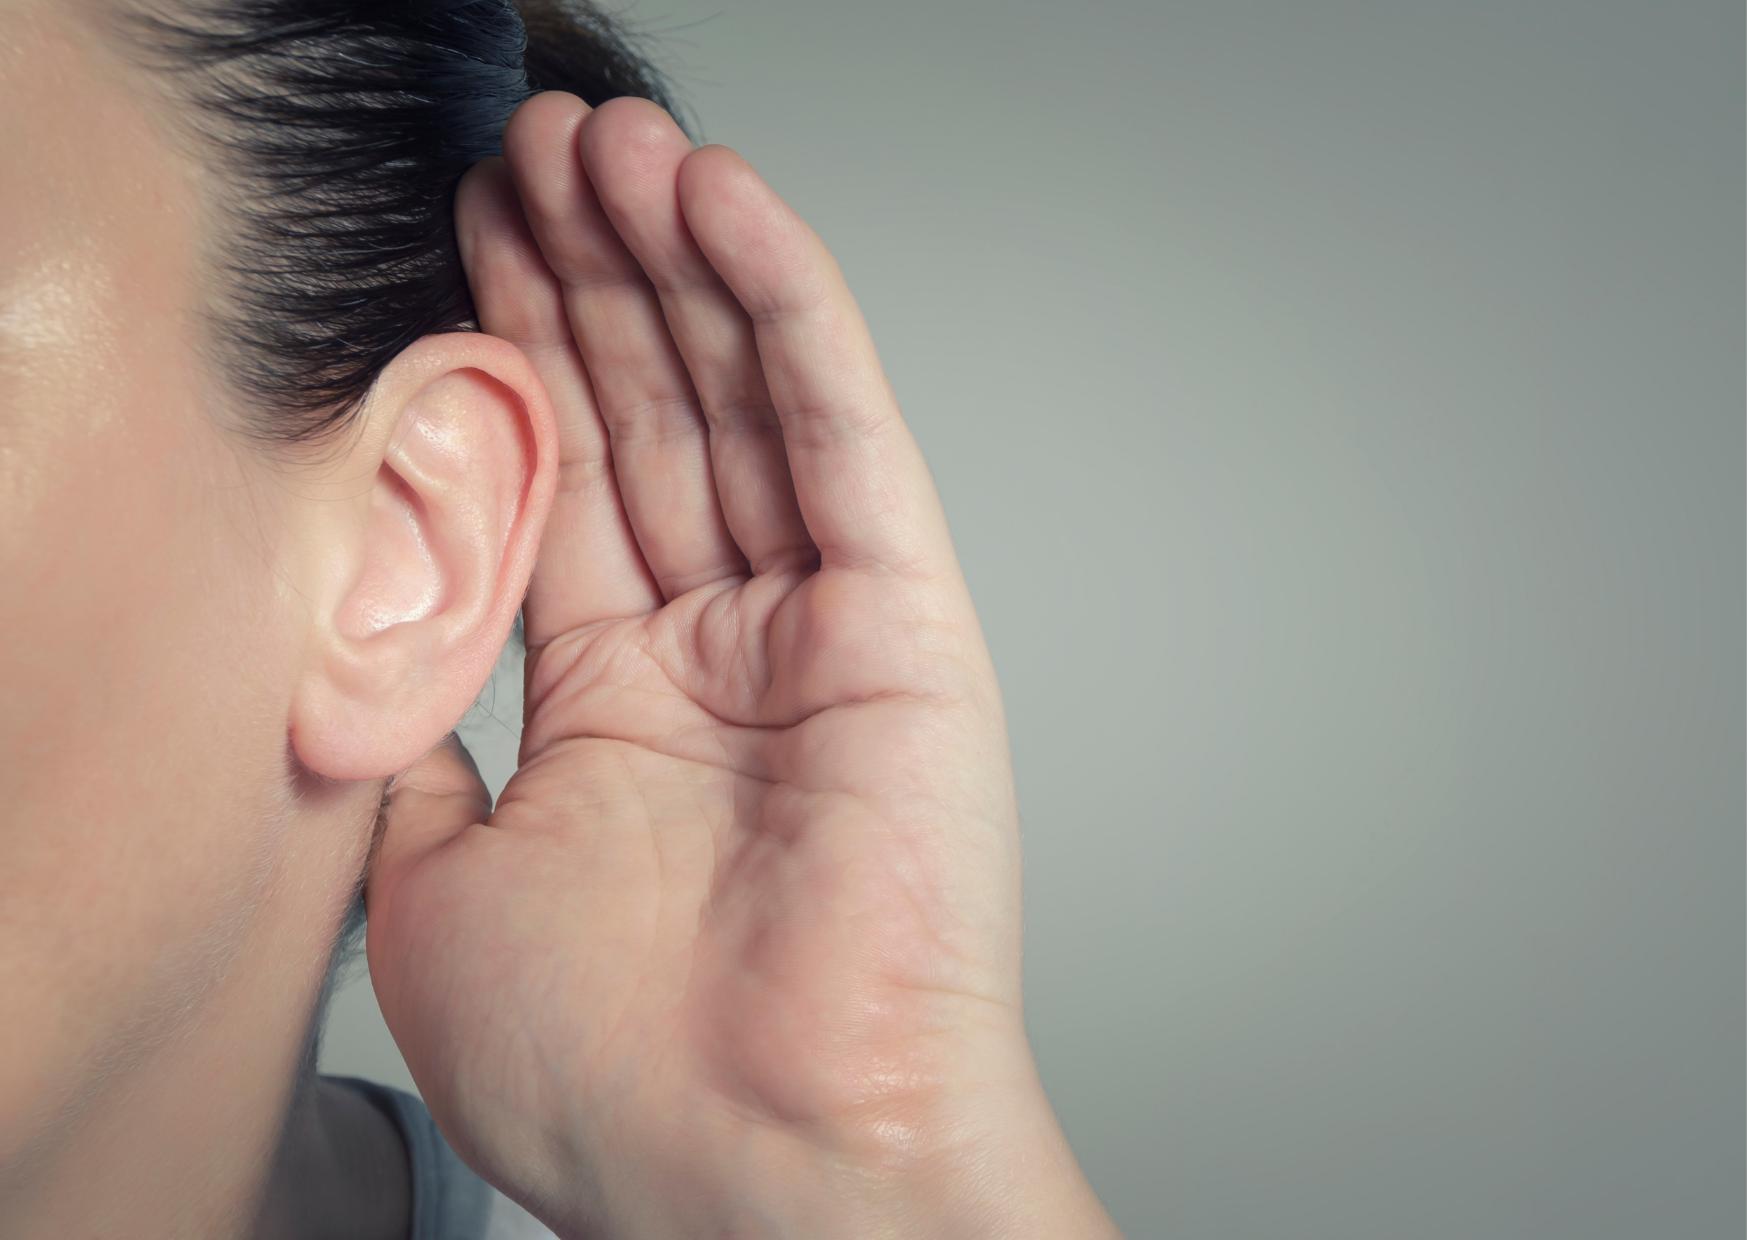 Mensch hält seine Hand ans Ohr um besser zu hören.